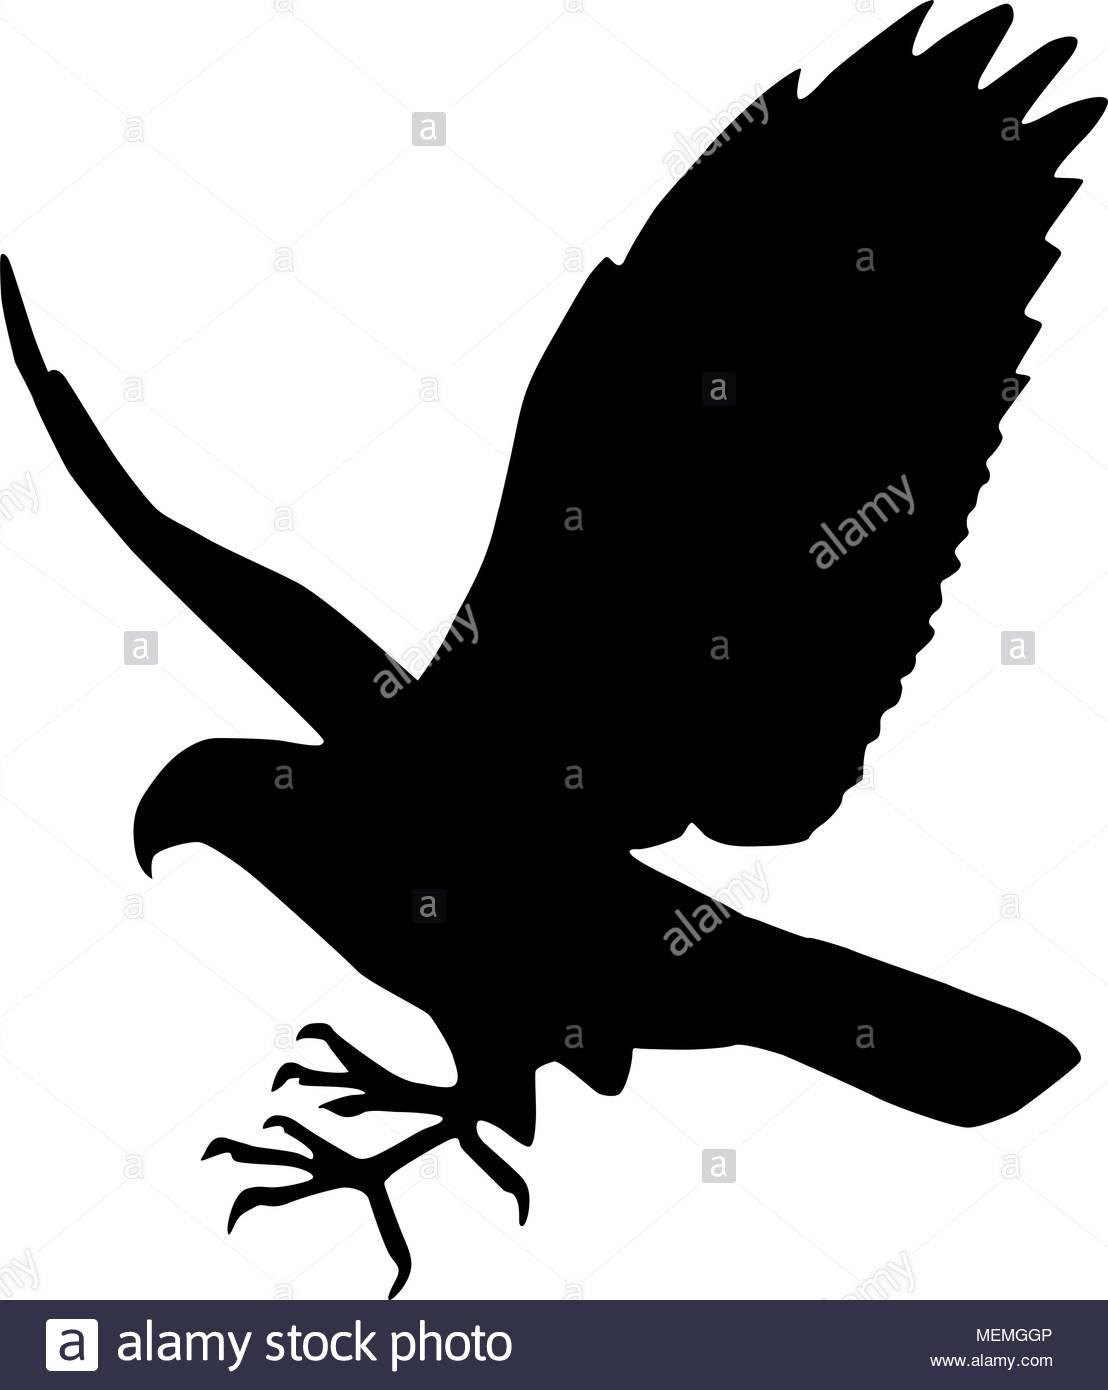 Falcon - Retro Clipart Illustration - St-Falcon - Retro Clipart Illustration - Stock Image-9